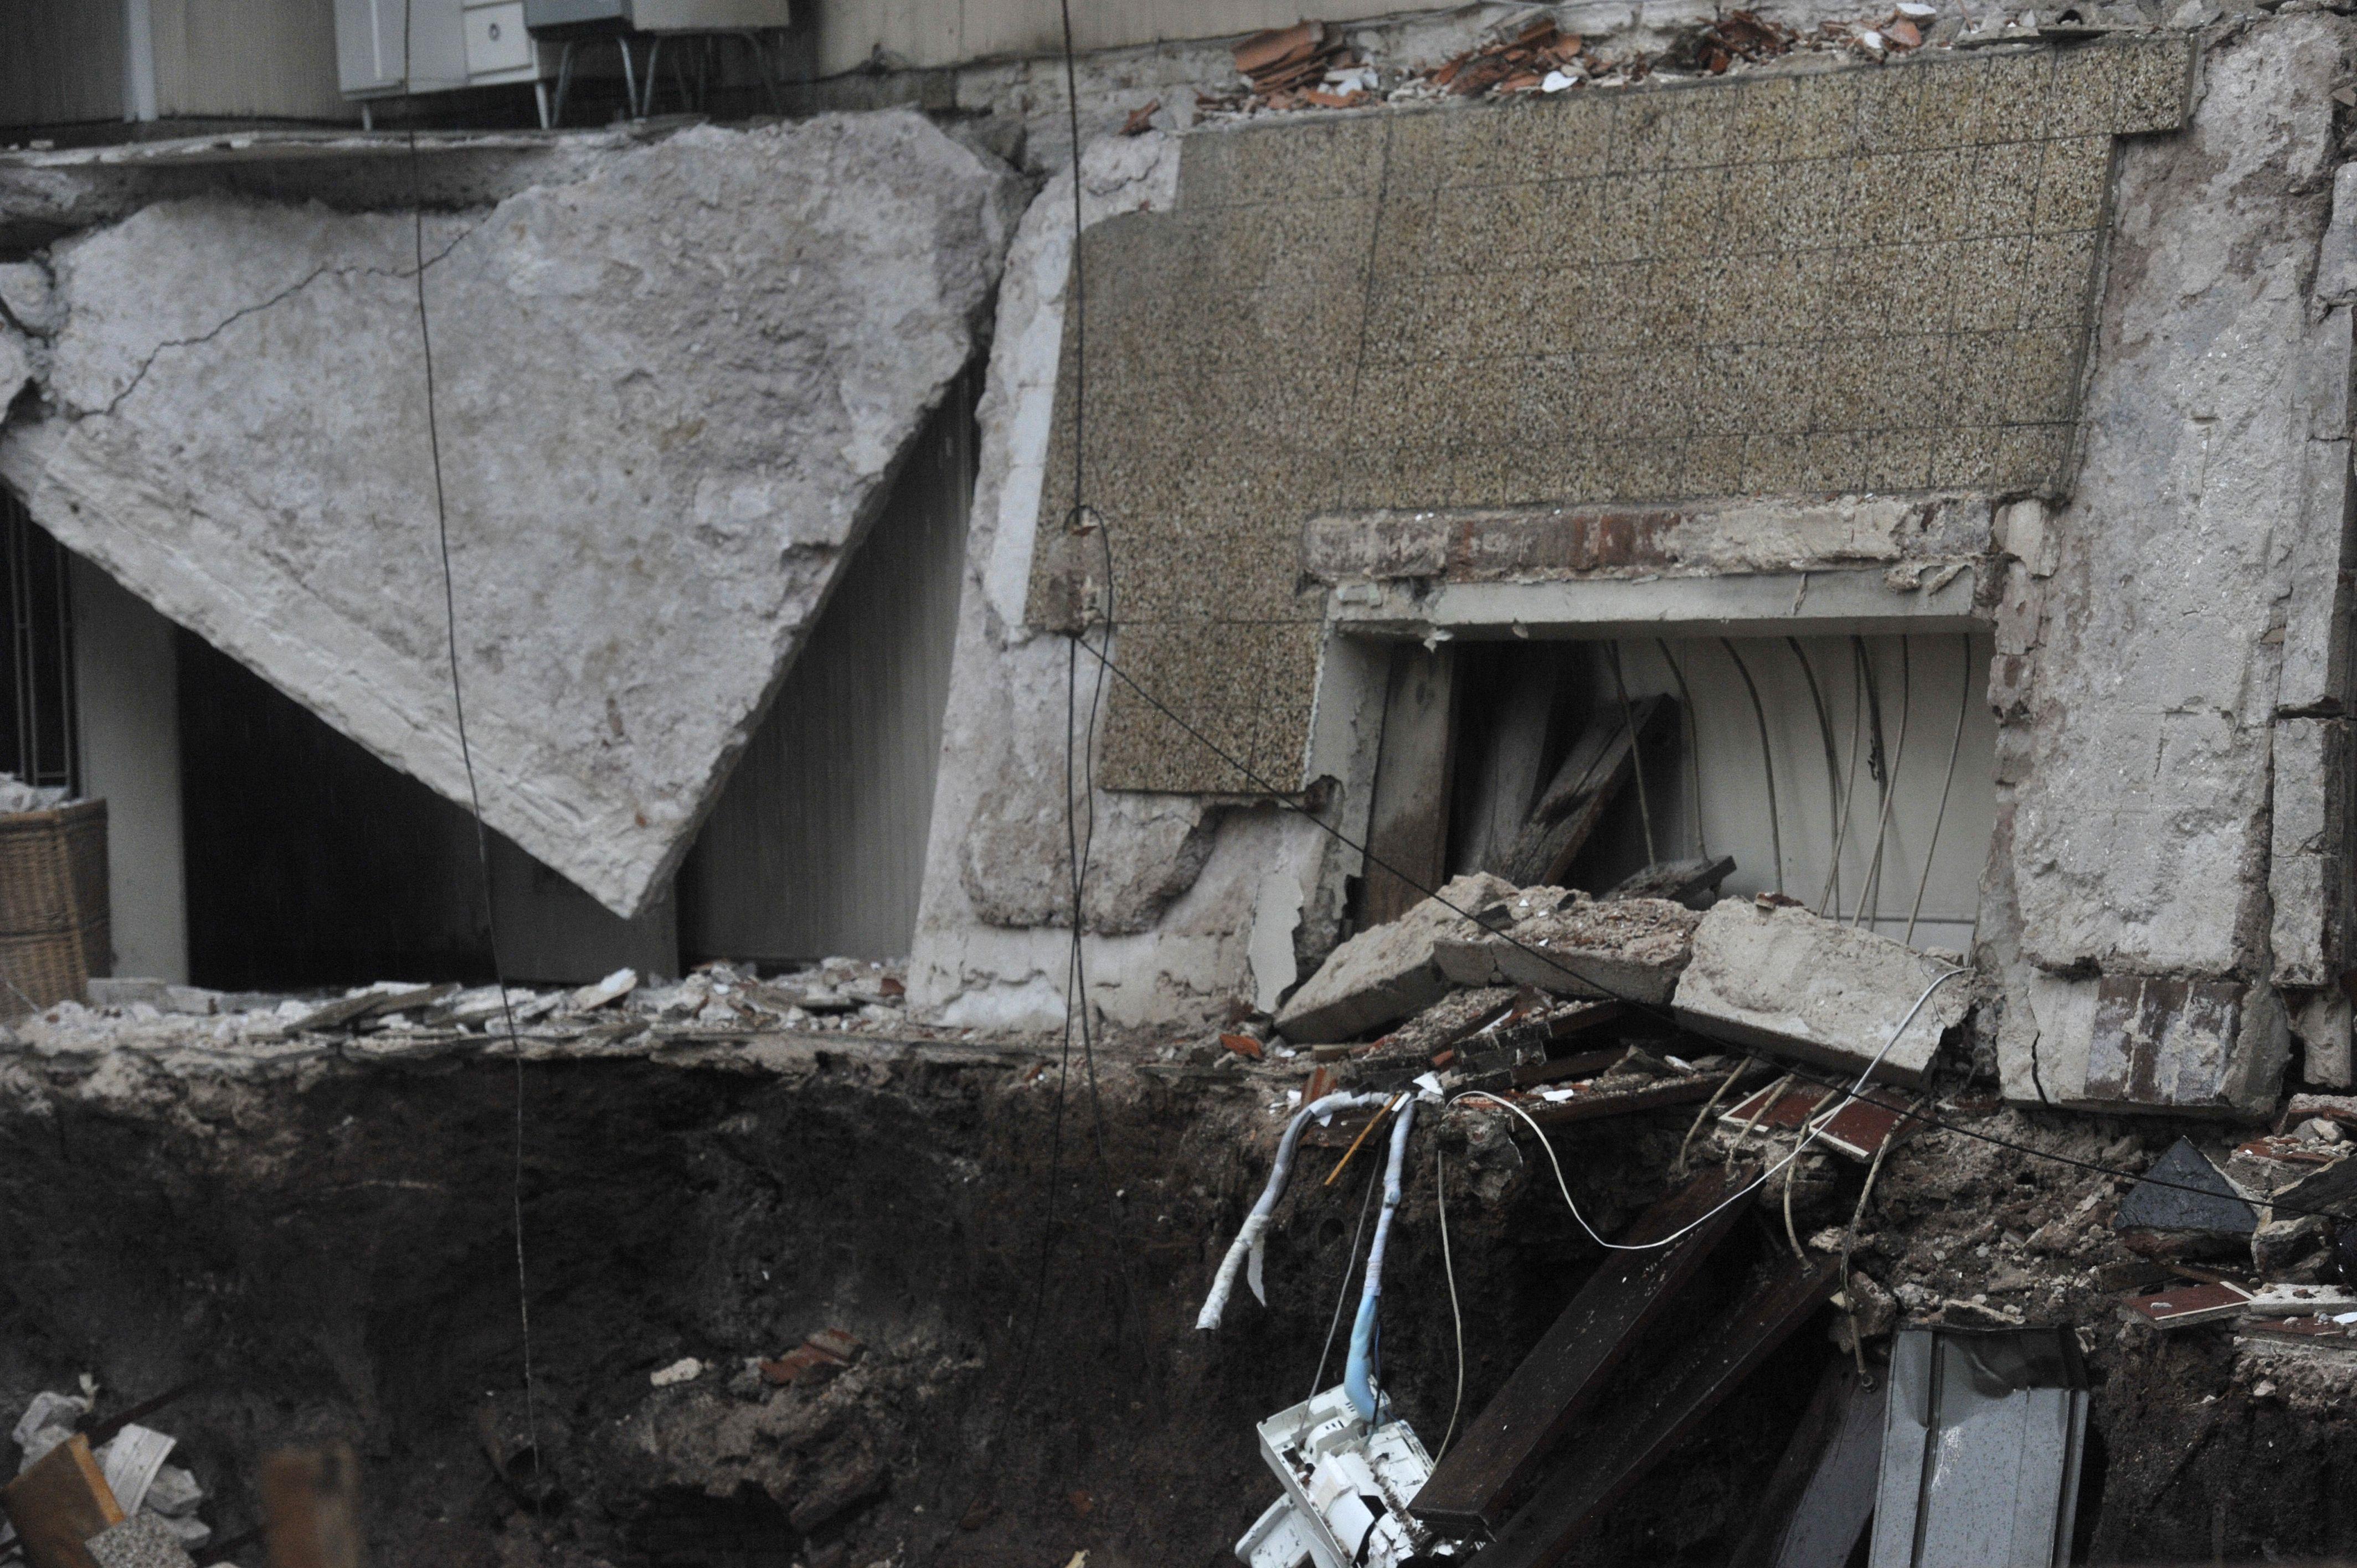 El temporal del viernes socavó los cimientos de viviendas linderas a una obra en construcción y produjo importantes daños. (Virginia Benedetto / La Capital)